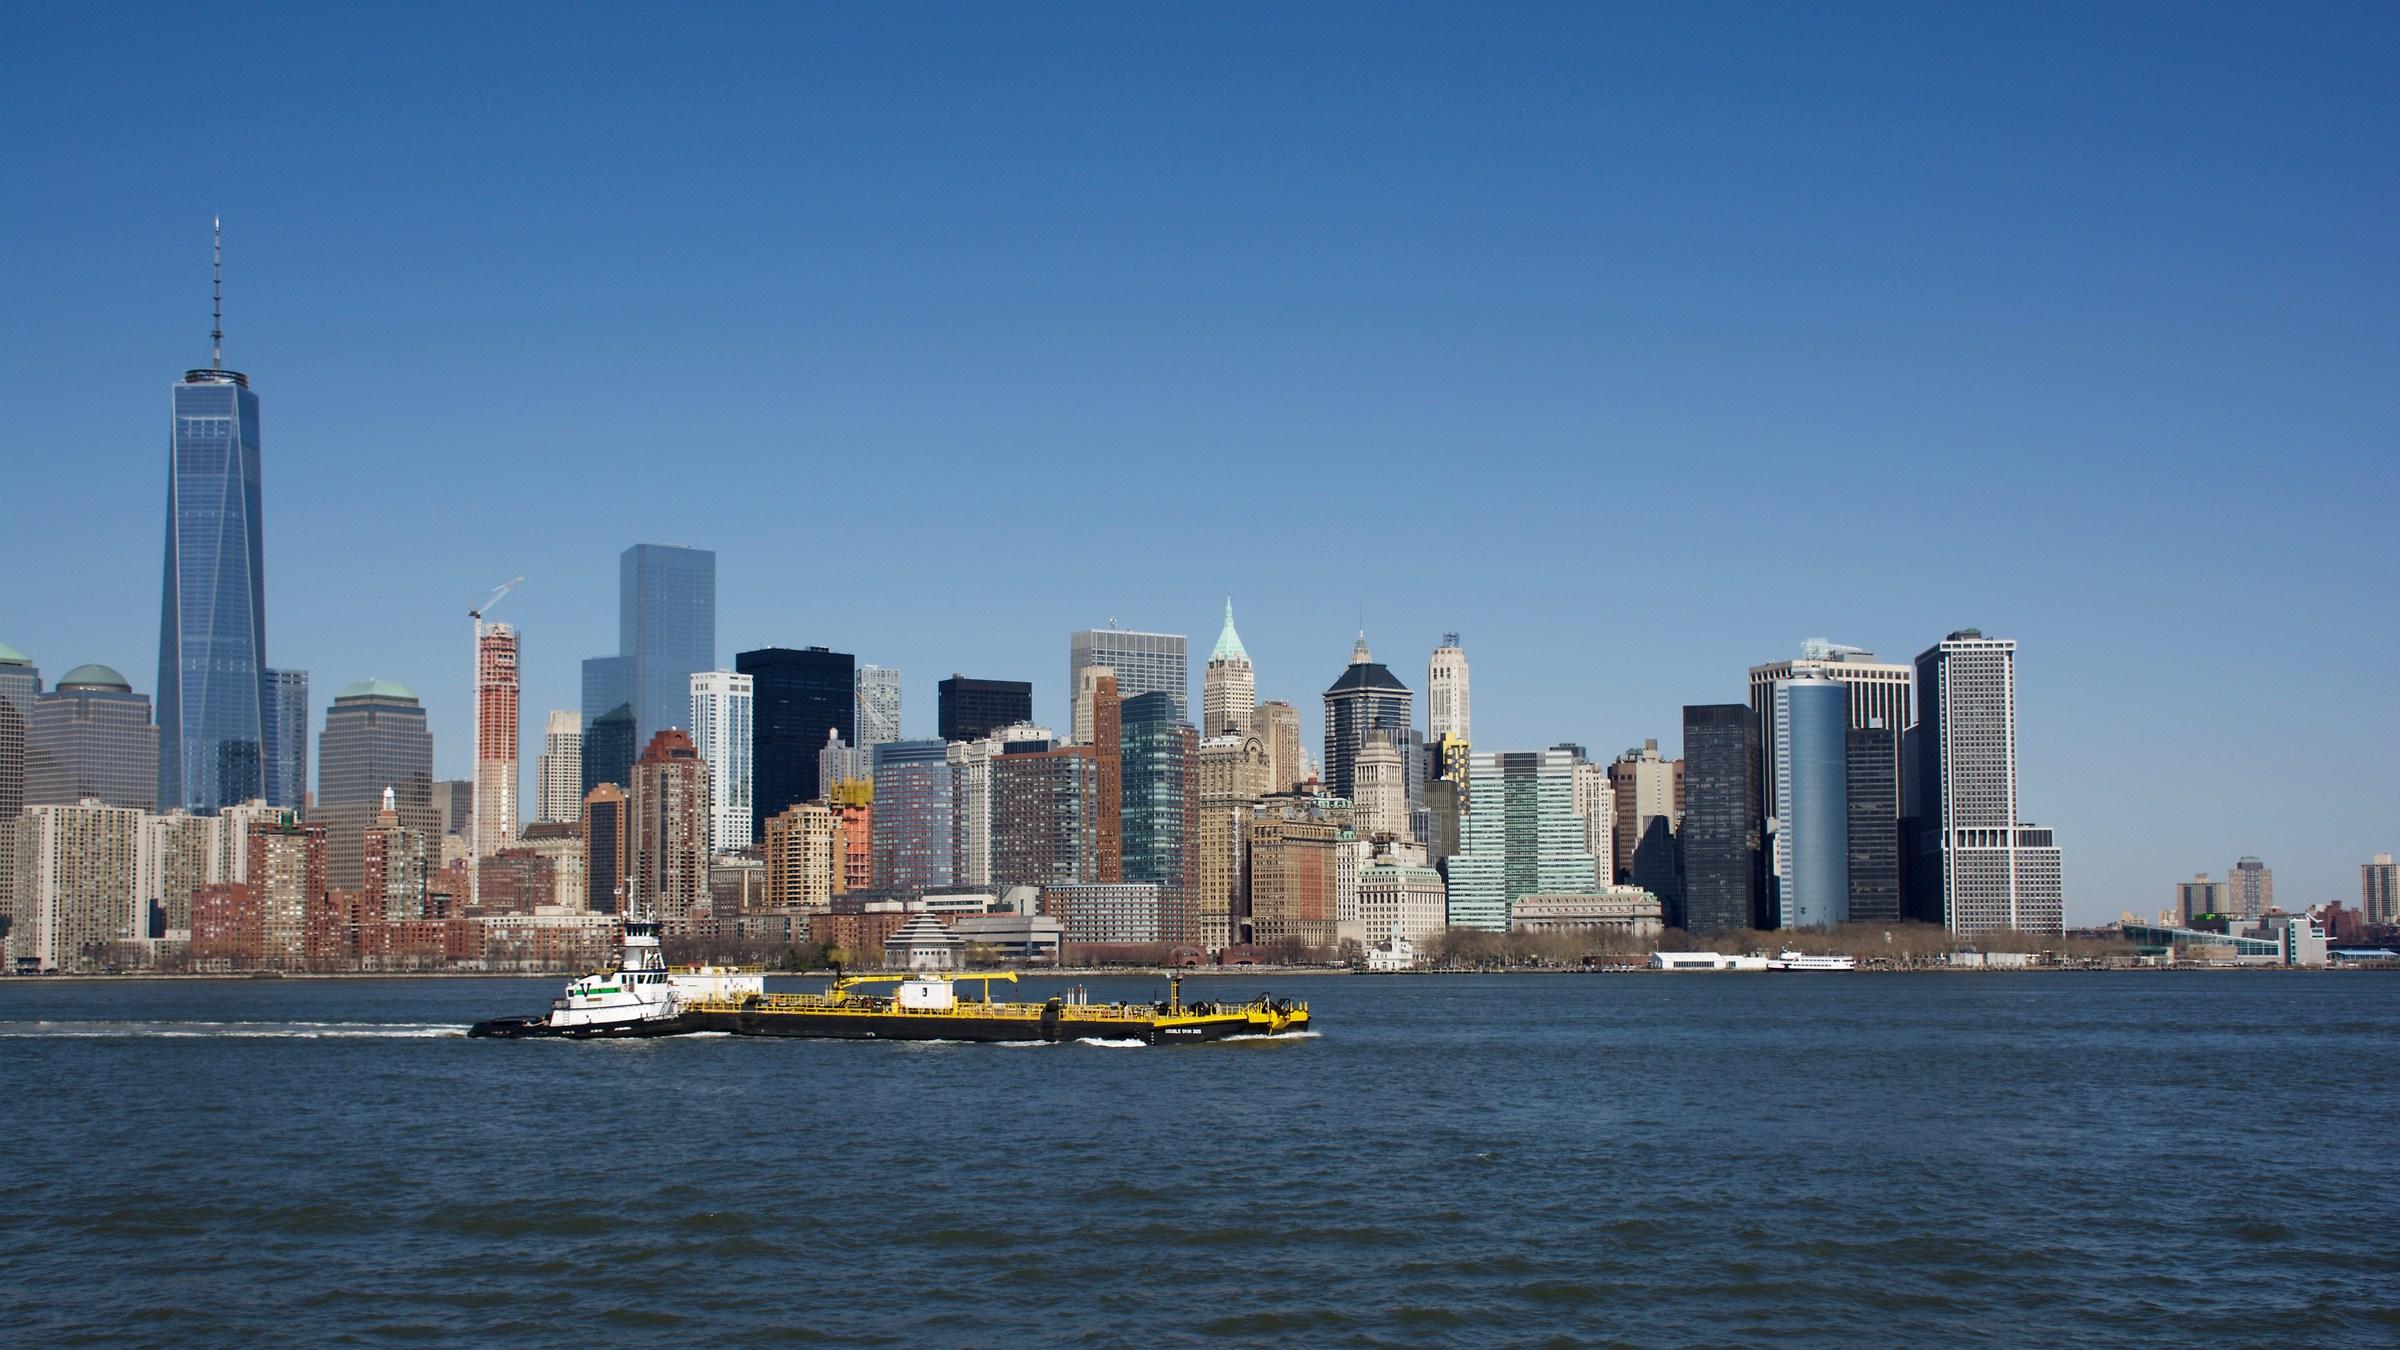 Skyline of NY...